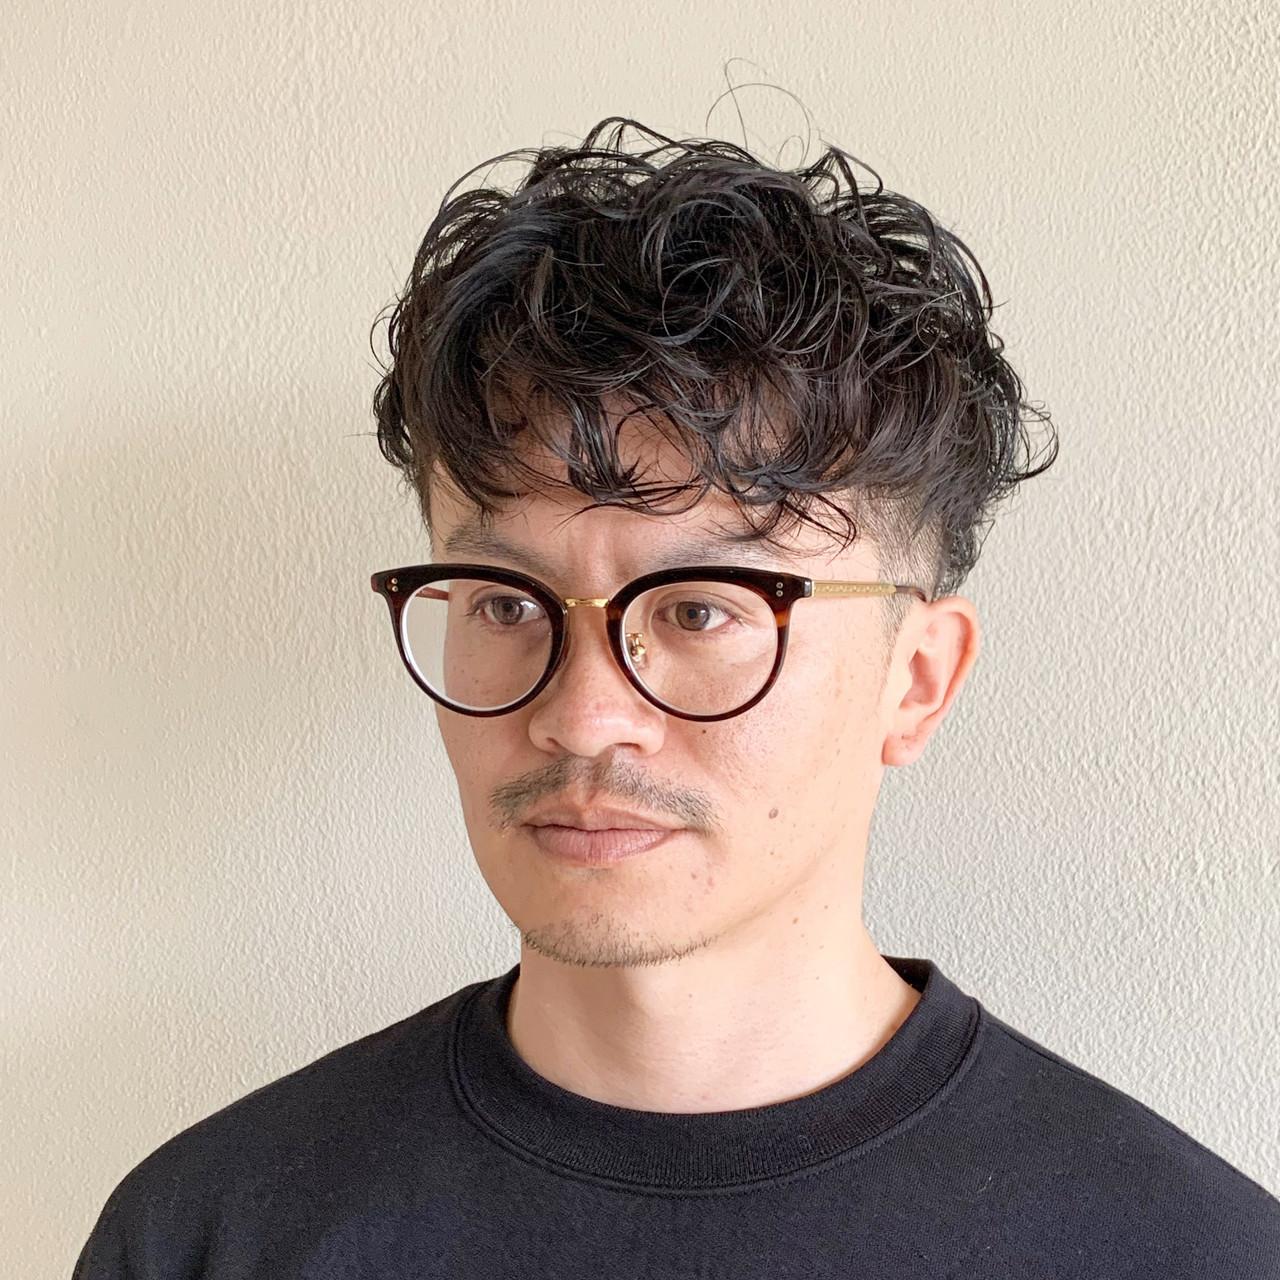 メンズヘア メンズショート メンズカット ショート ヘアスタイルや髪型の写真・画像 | 大橋 史明 / BRICK.S